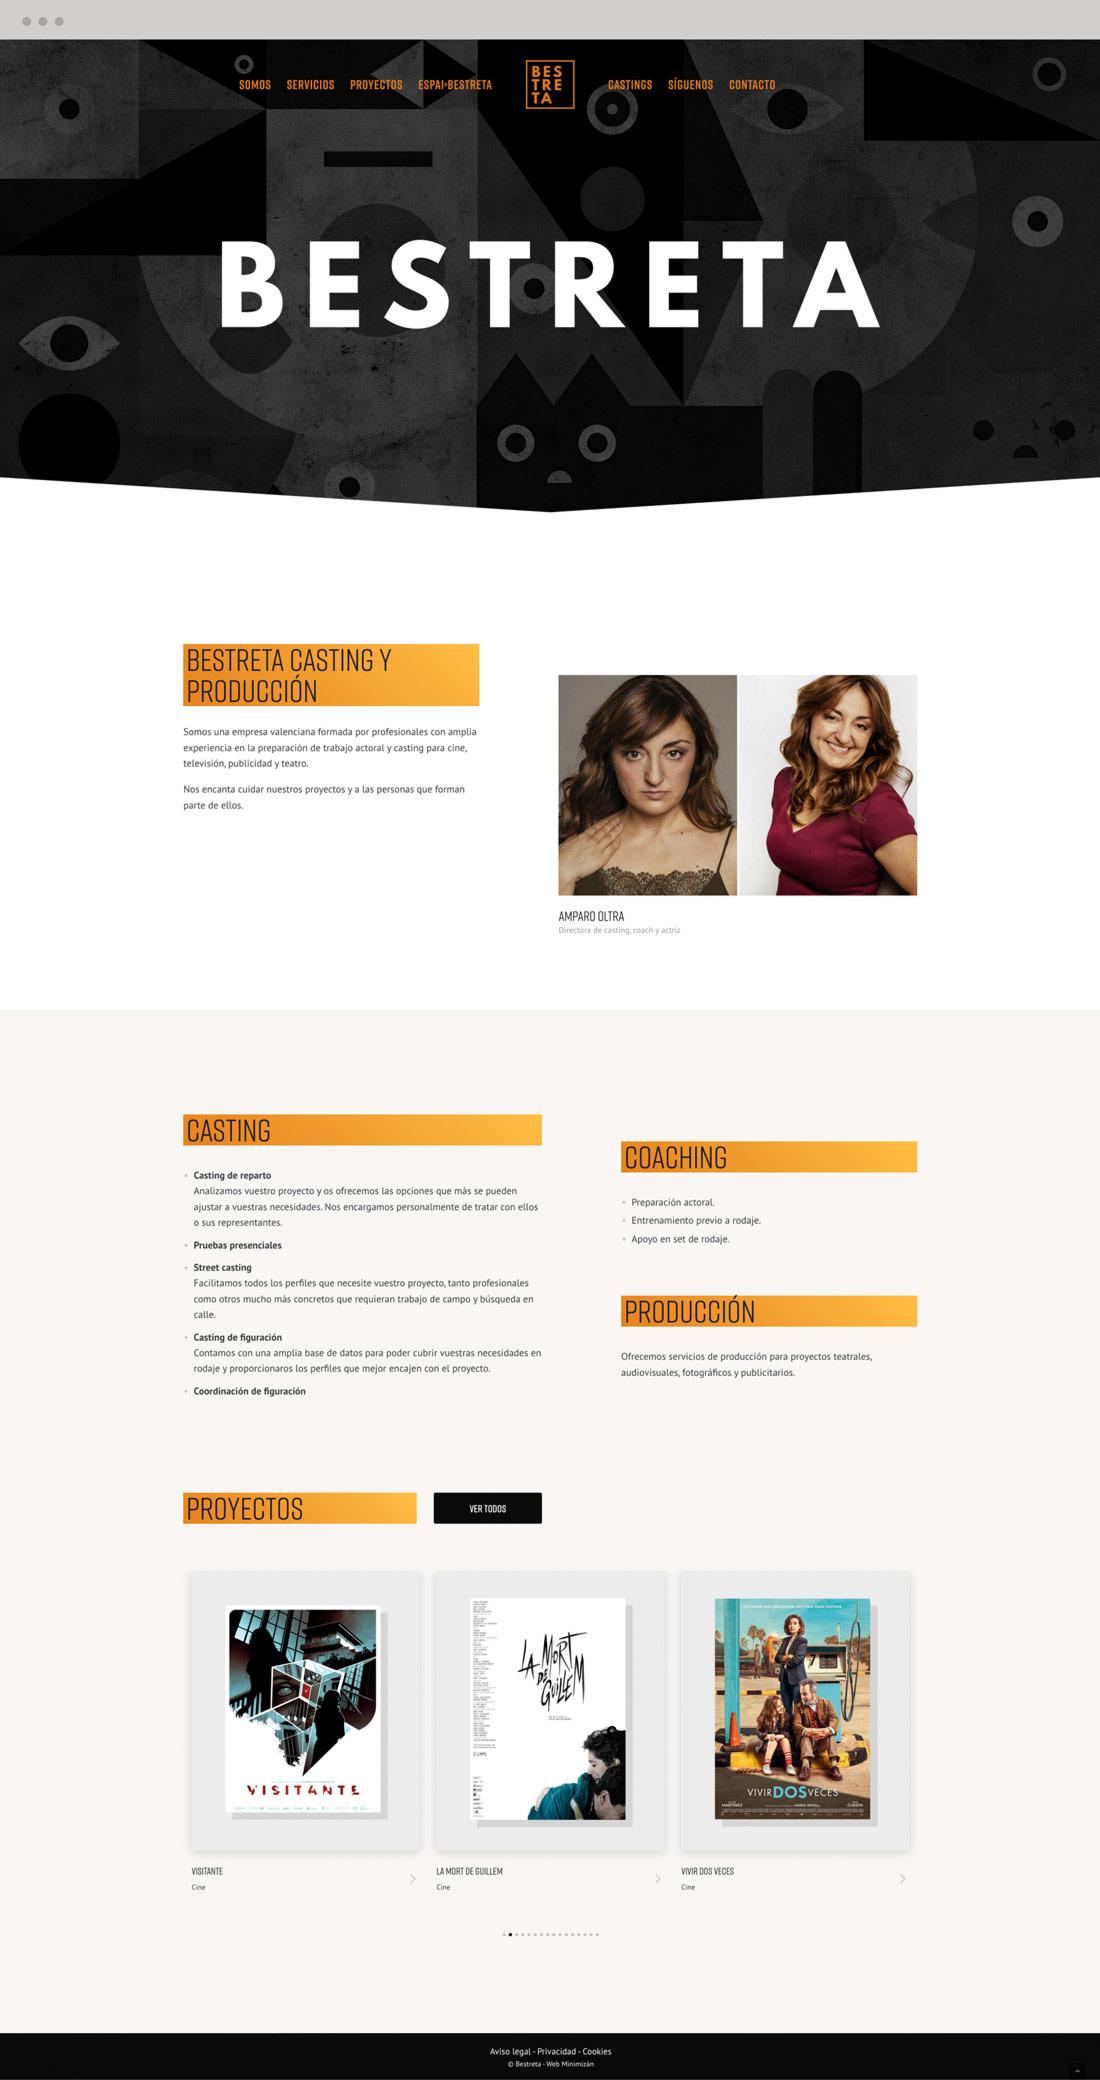 diseño pagina web productora Bestreta vista portatil empresa